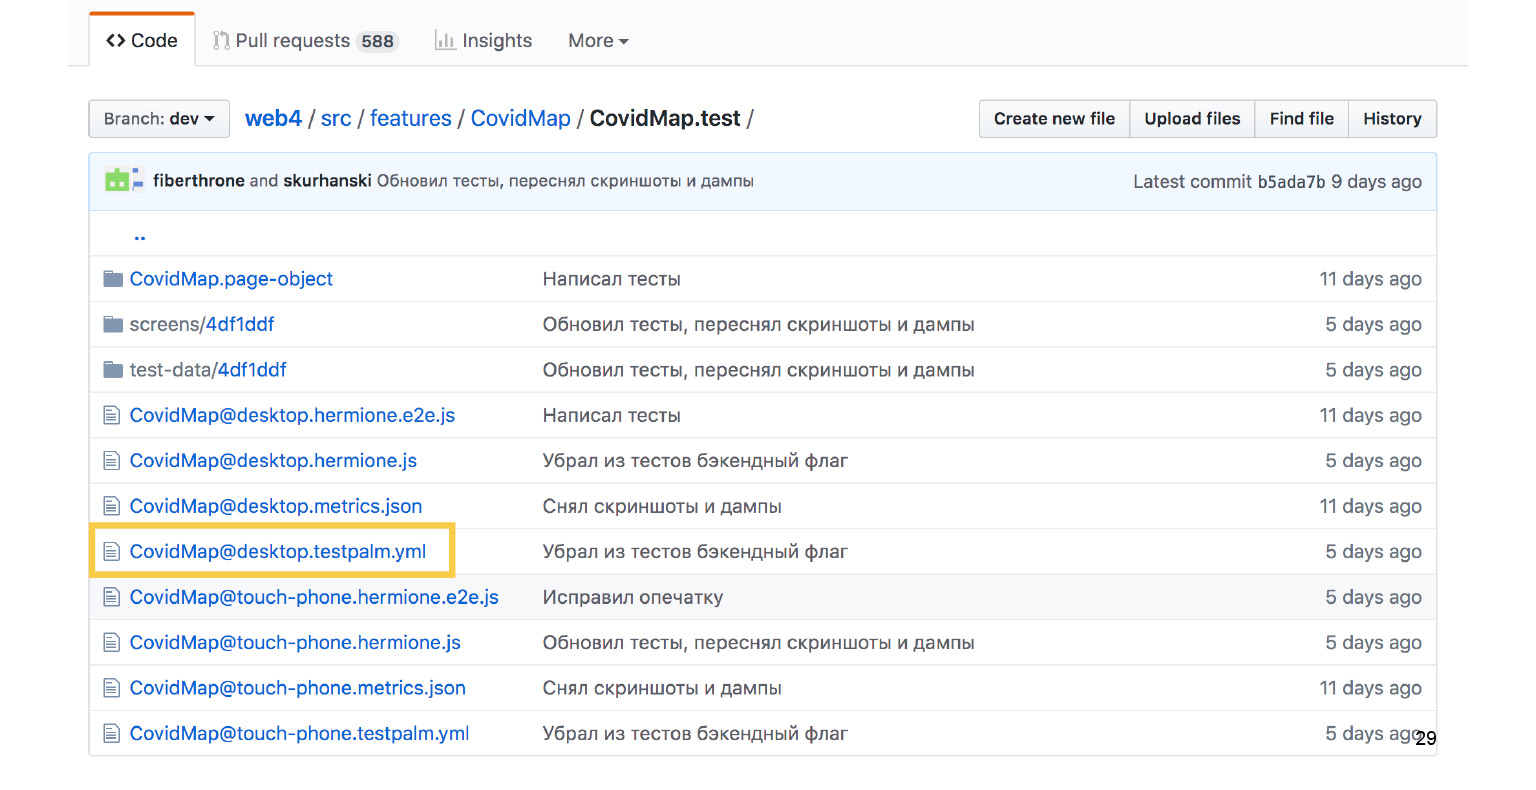 Автоматизация тестирования на максималках. Доклад Яндекса - 19